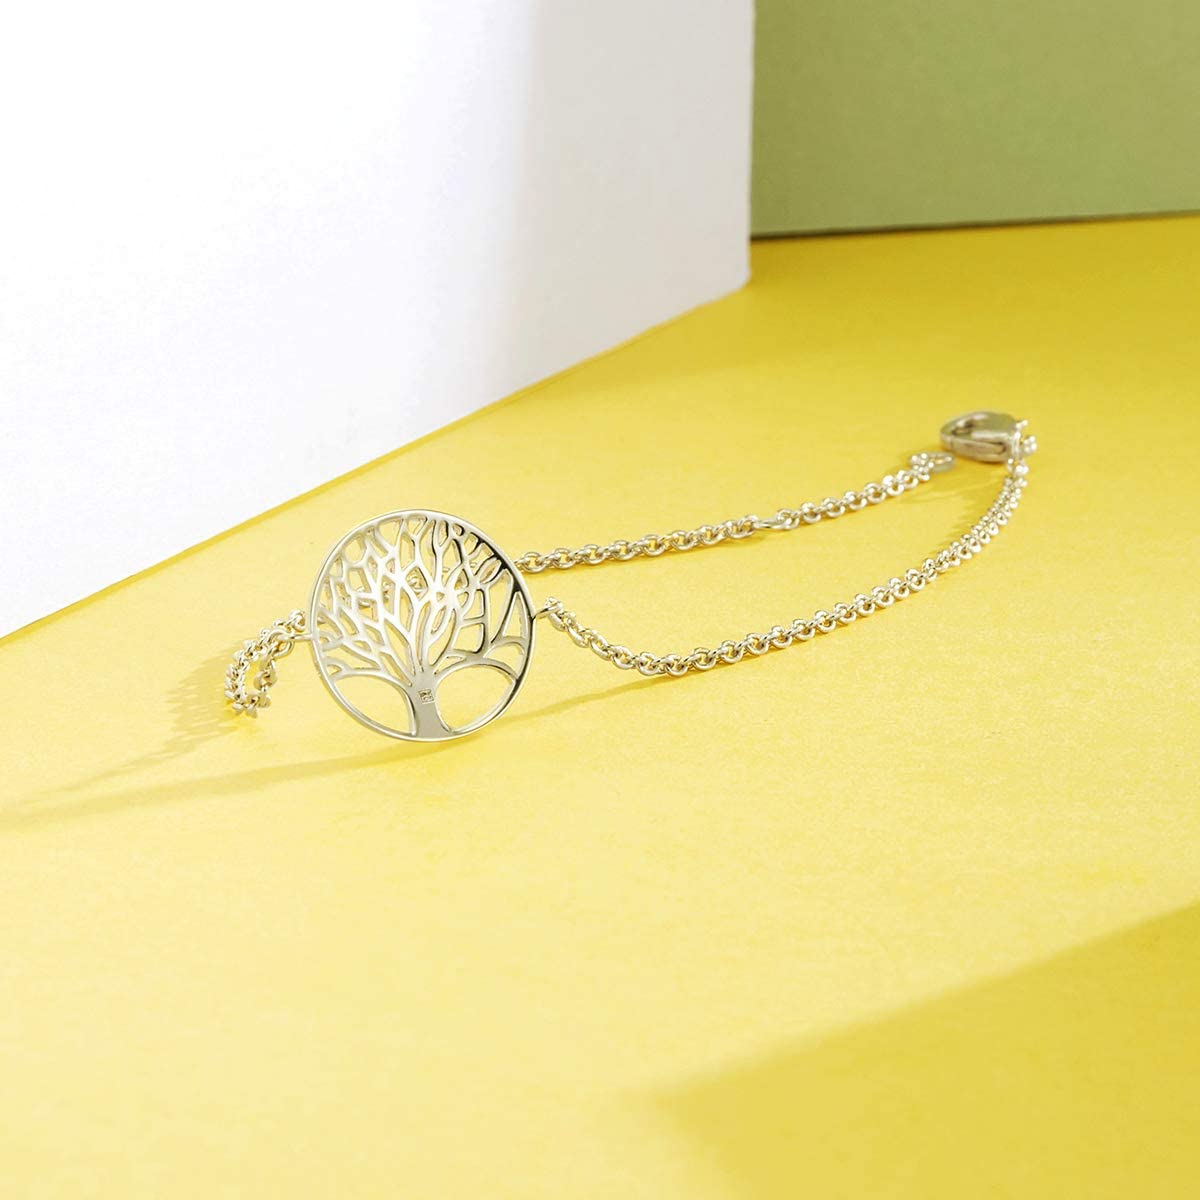 Cha/îne Longueur 17.5 cm Bracelet Femme Arbre de Vie Charm en Argent Sterling 925